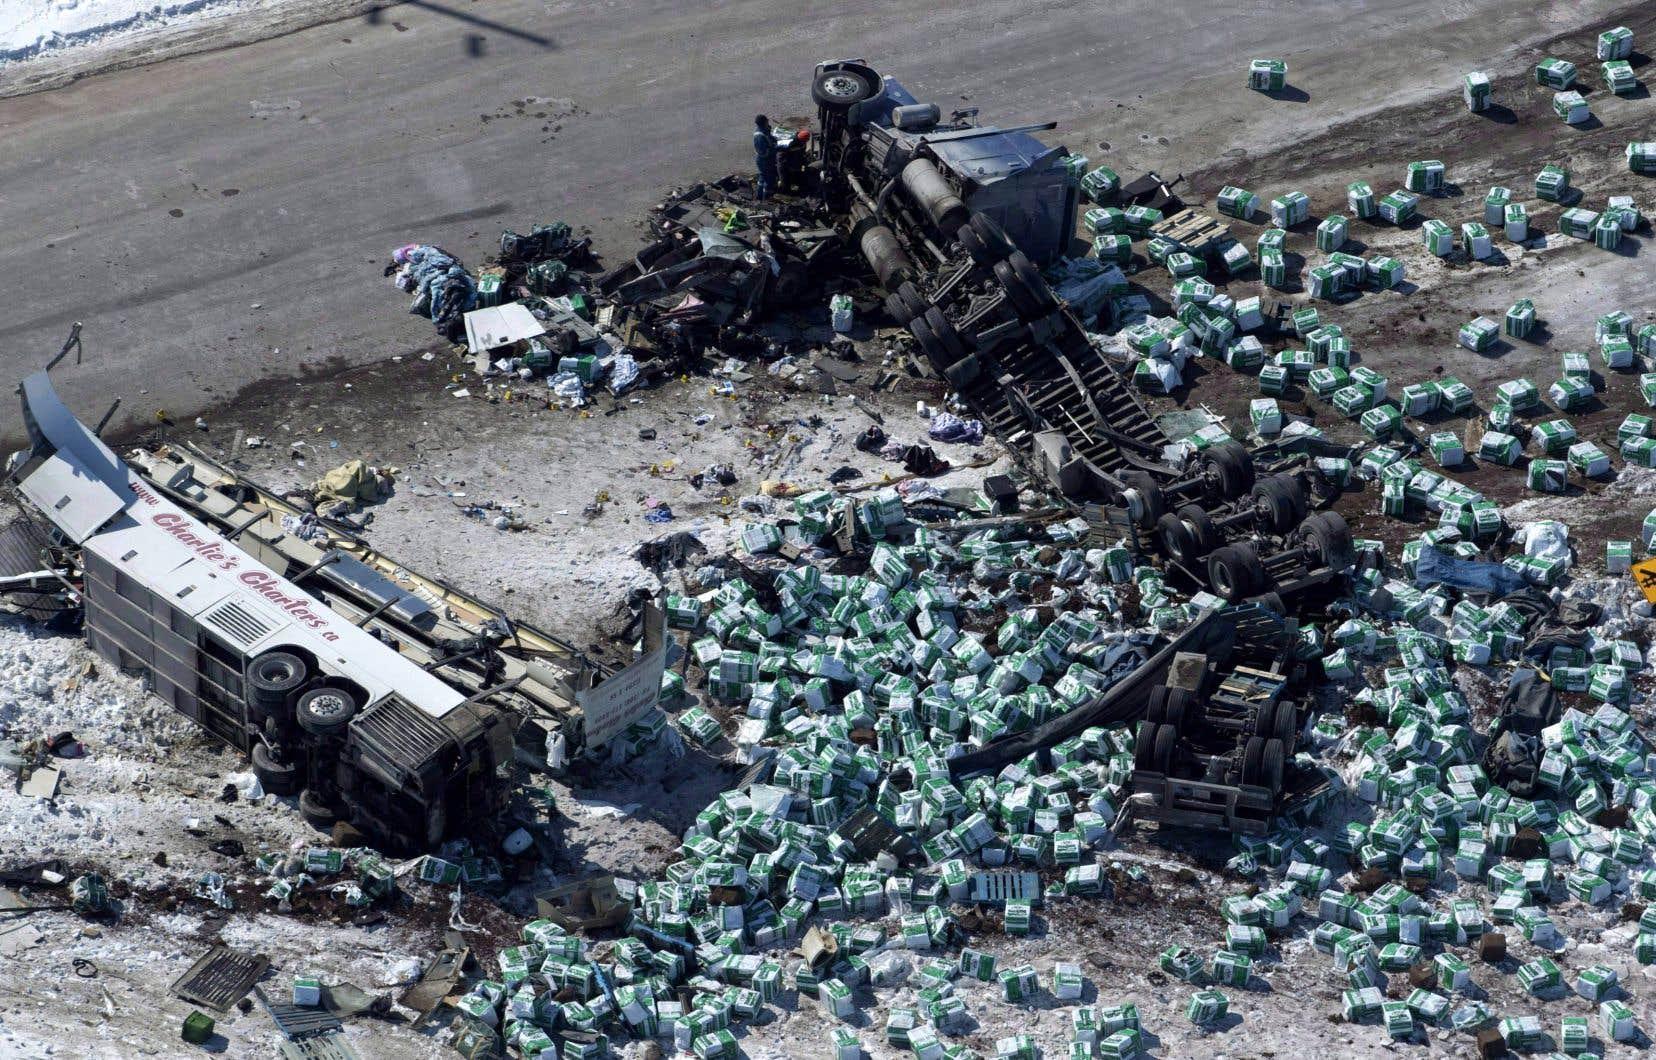 Des documents révèlent que Transport Canada a envisagé d'adopter la nouvelle réglementation rapidement à la suite du tragique accident, survenu le 6avril en Saskatchewan.